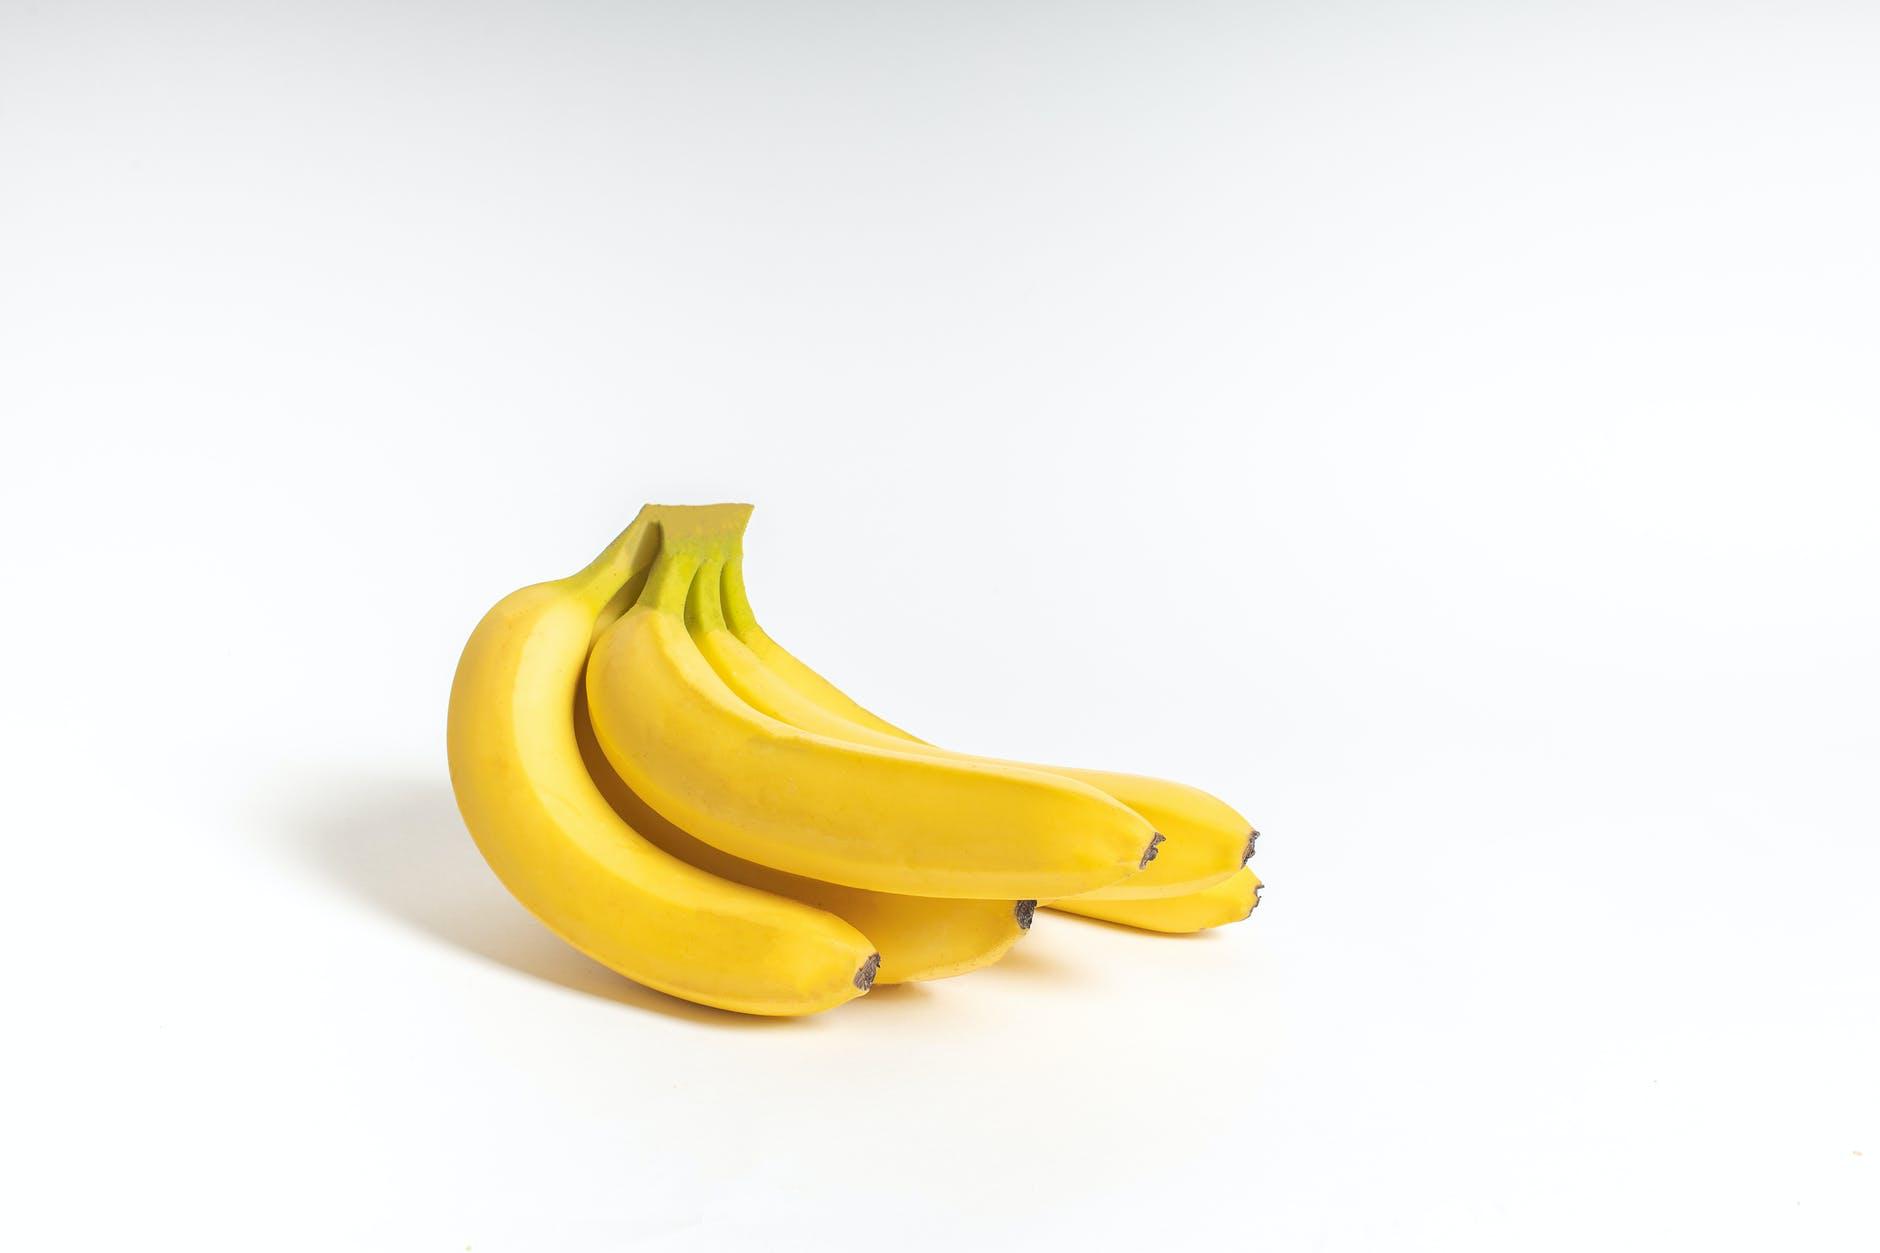 food summer yellow bananas